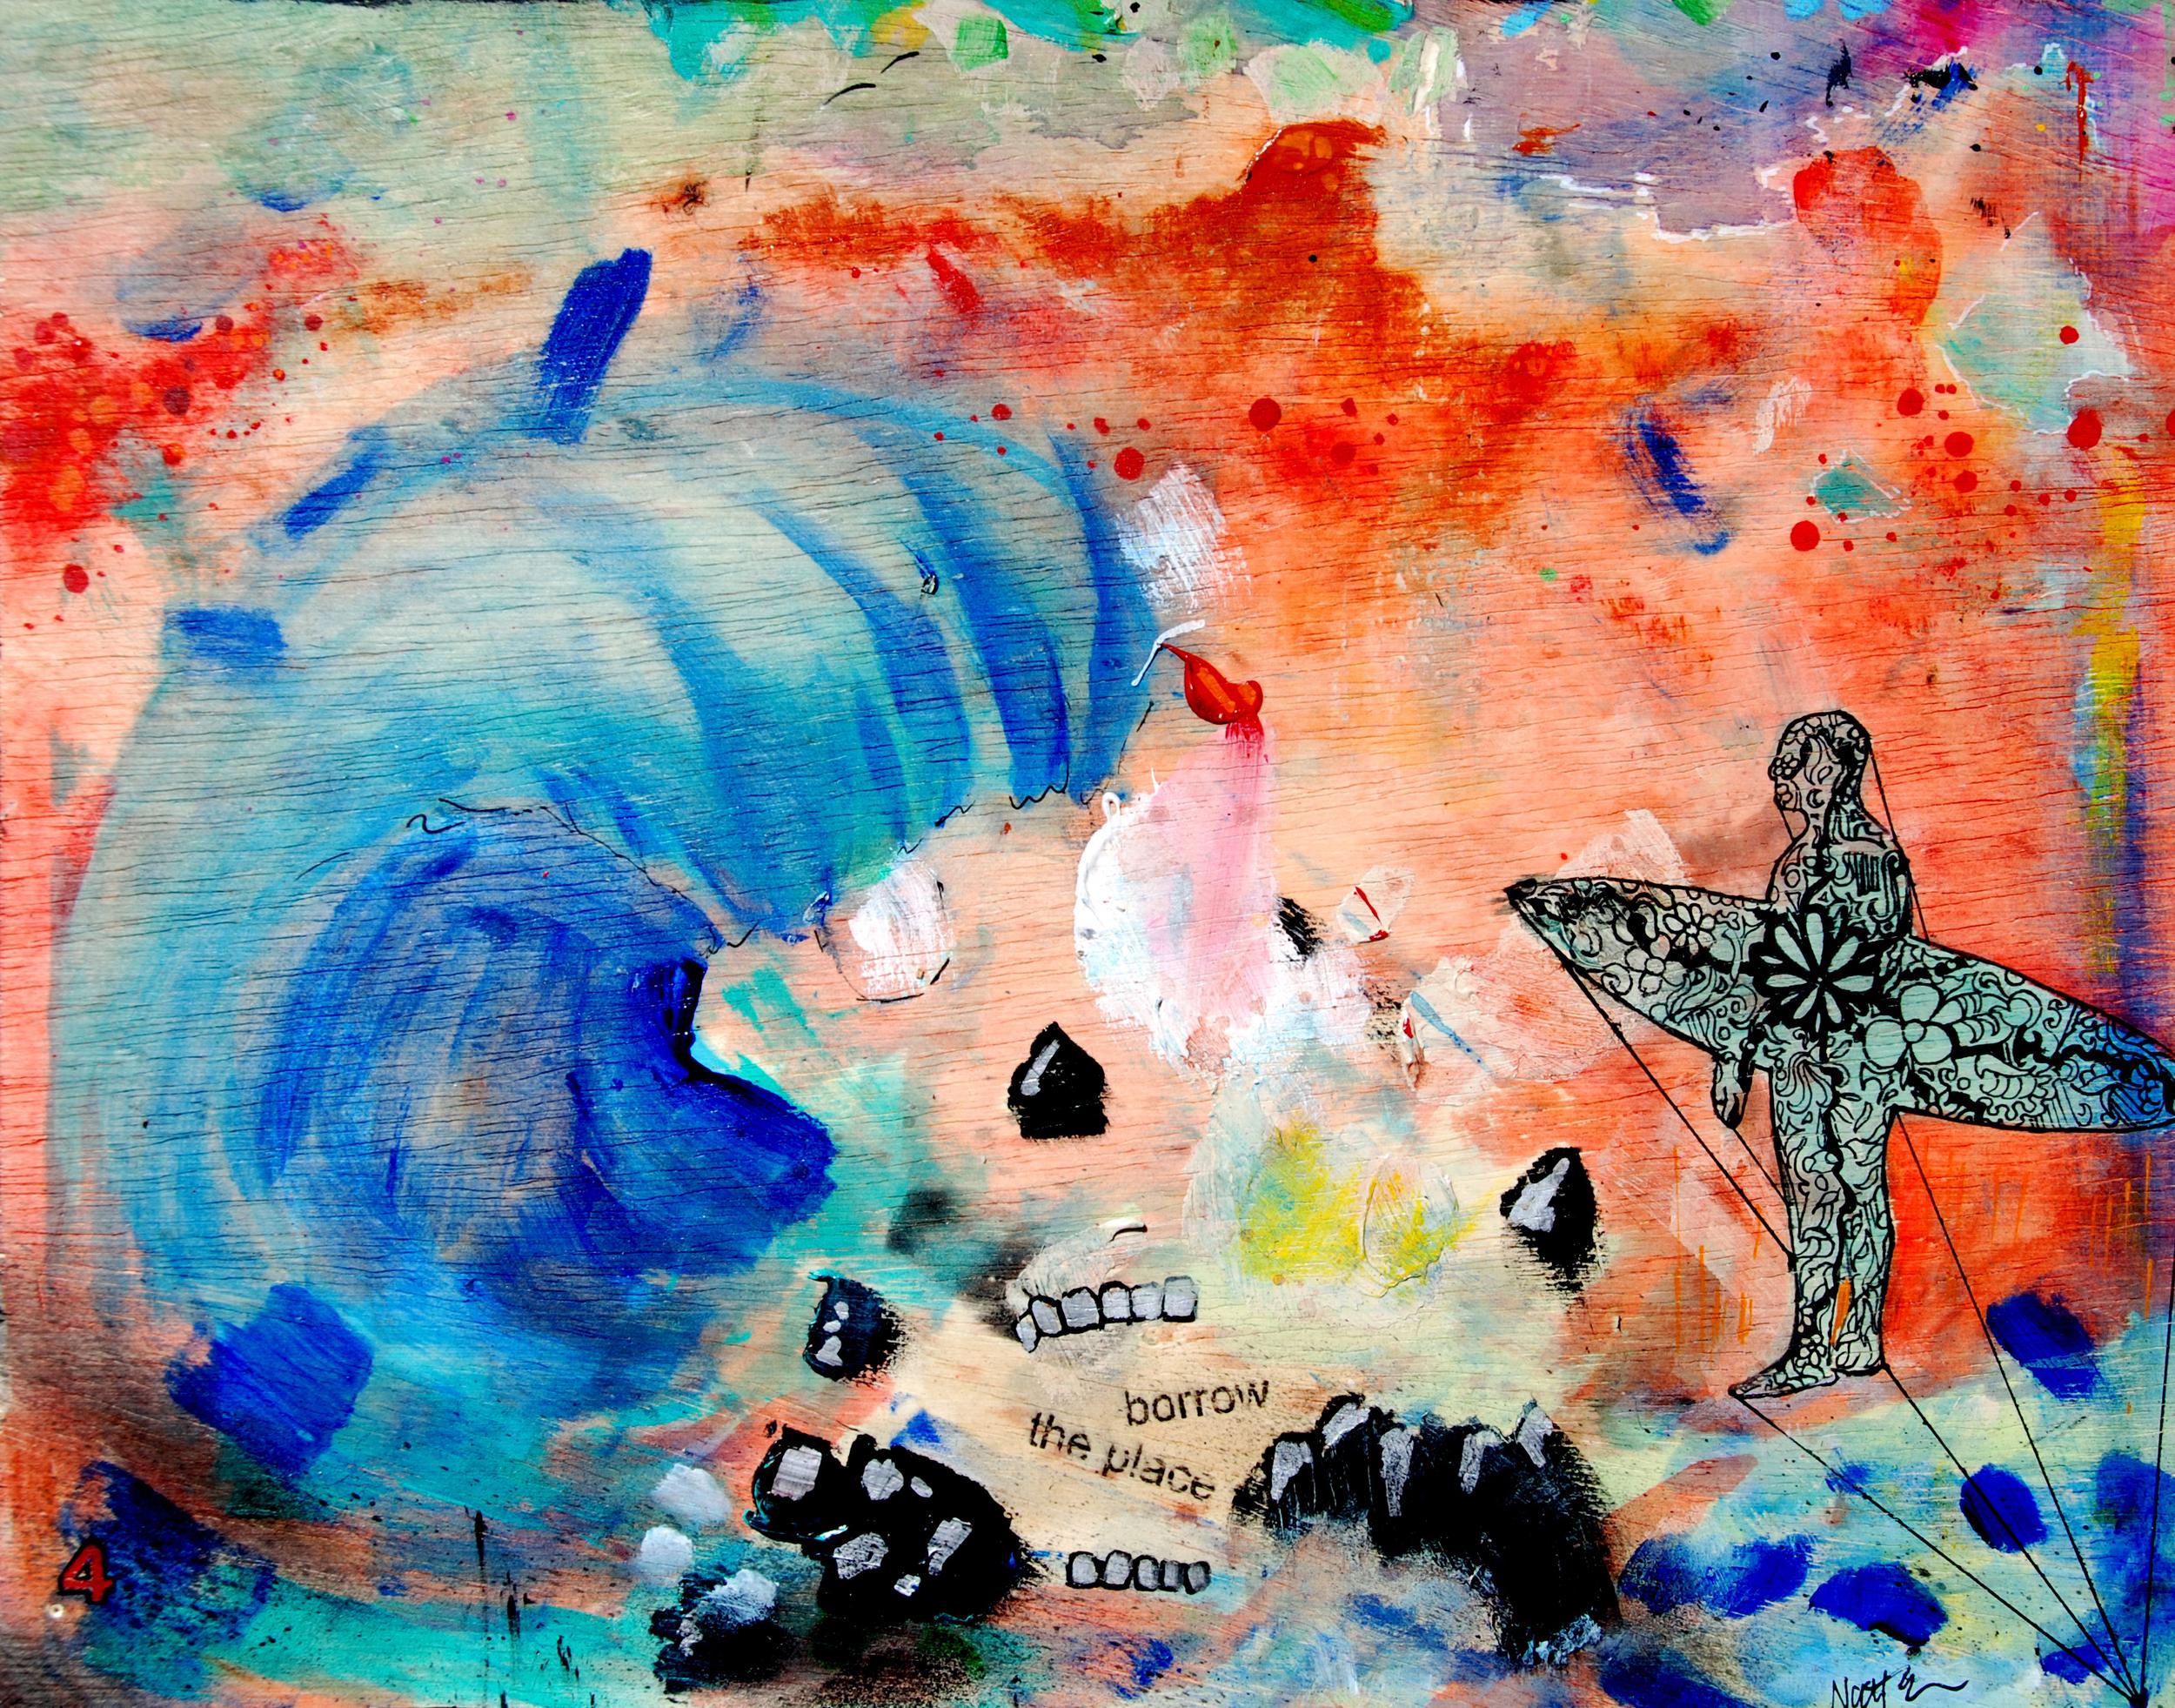 Borrow the place - surf art.jpg